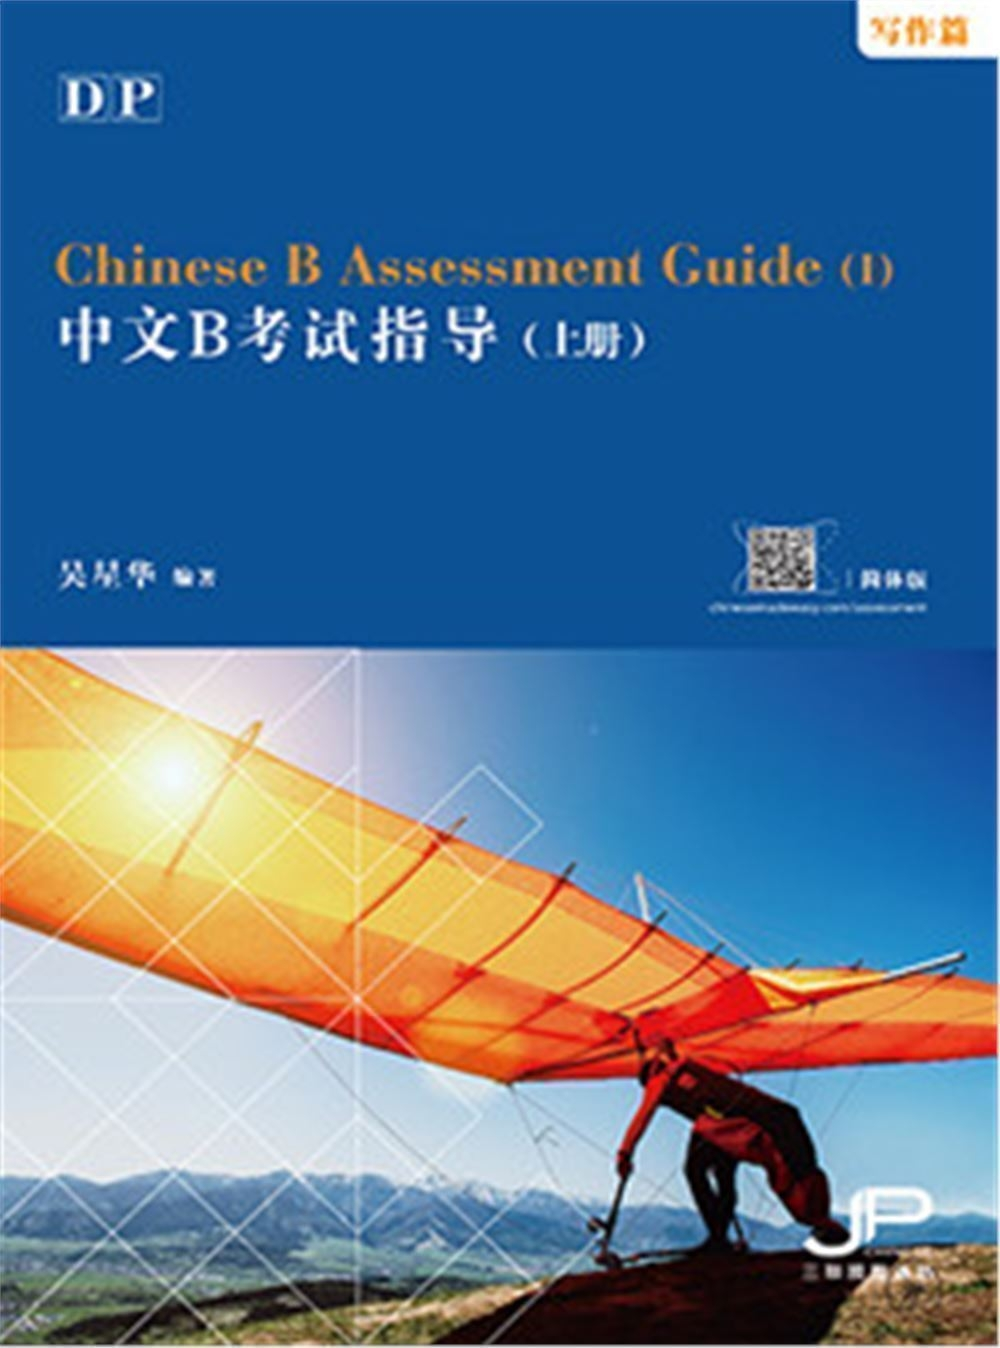 DP中文B考試指導(上冊)(寫作篇)(簡體版)